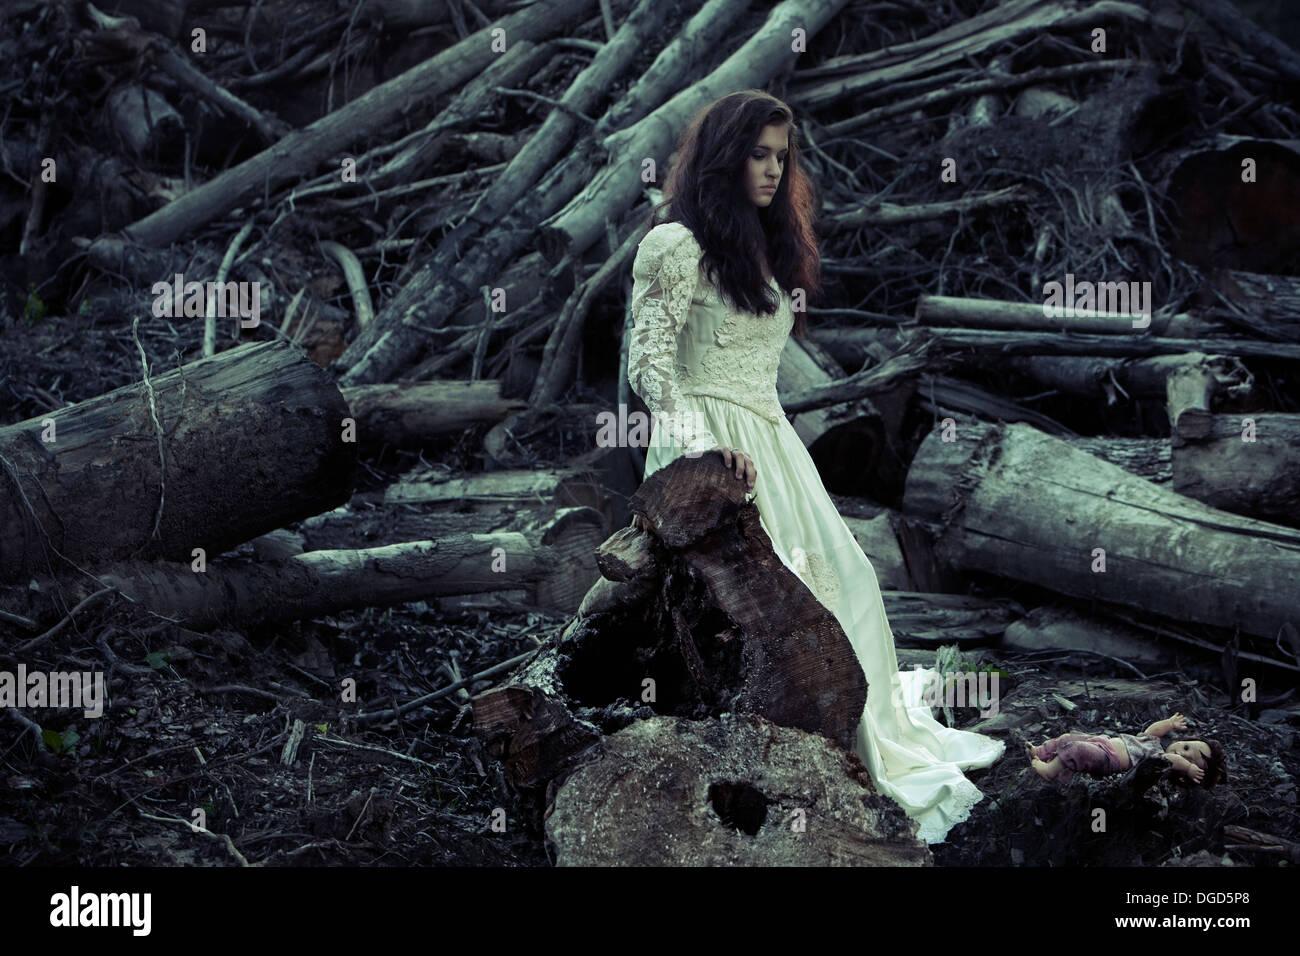 Frau in antiken Brautkleid vor abgespeckte Bäume und gruselige Puppe Stockbild